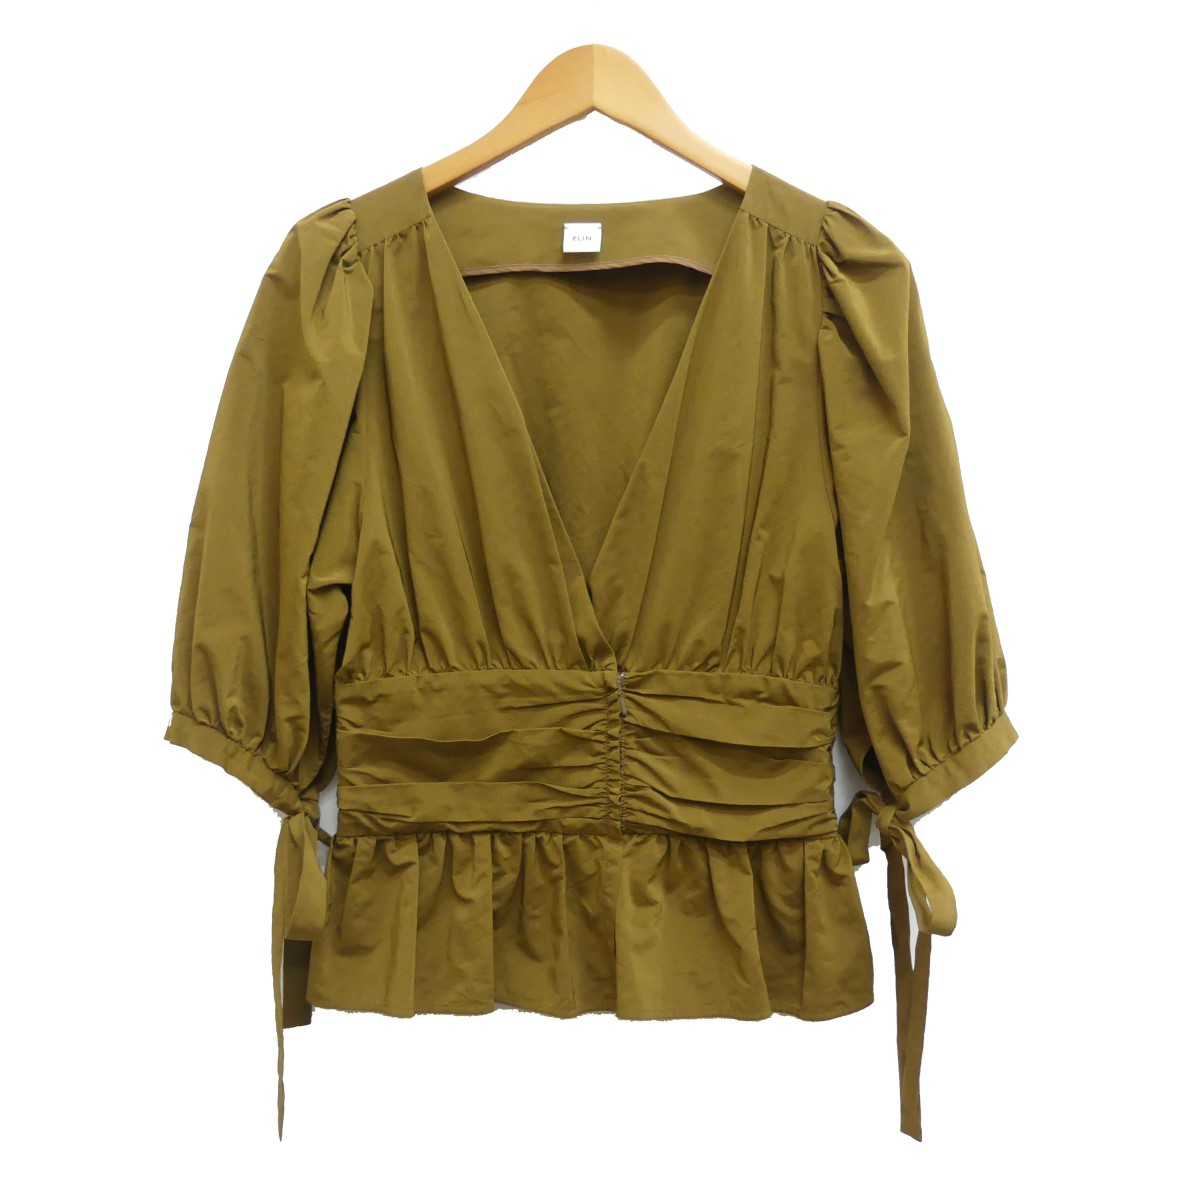 【中古】ELIN 17SS タフタウエスト ギャザートップシャツ ブラウス ブラウン サイズ:38 【070420】(エリン)